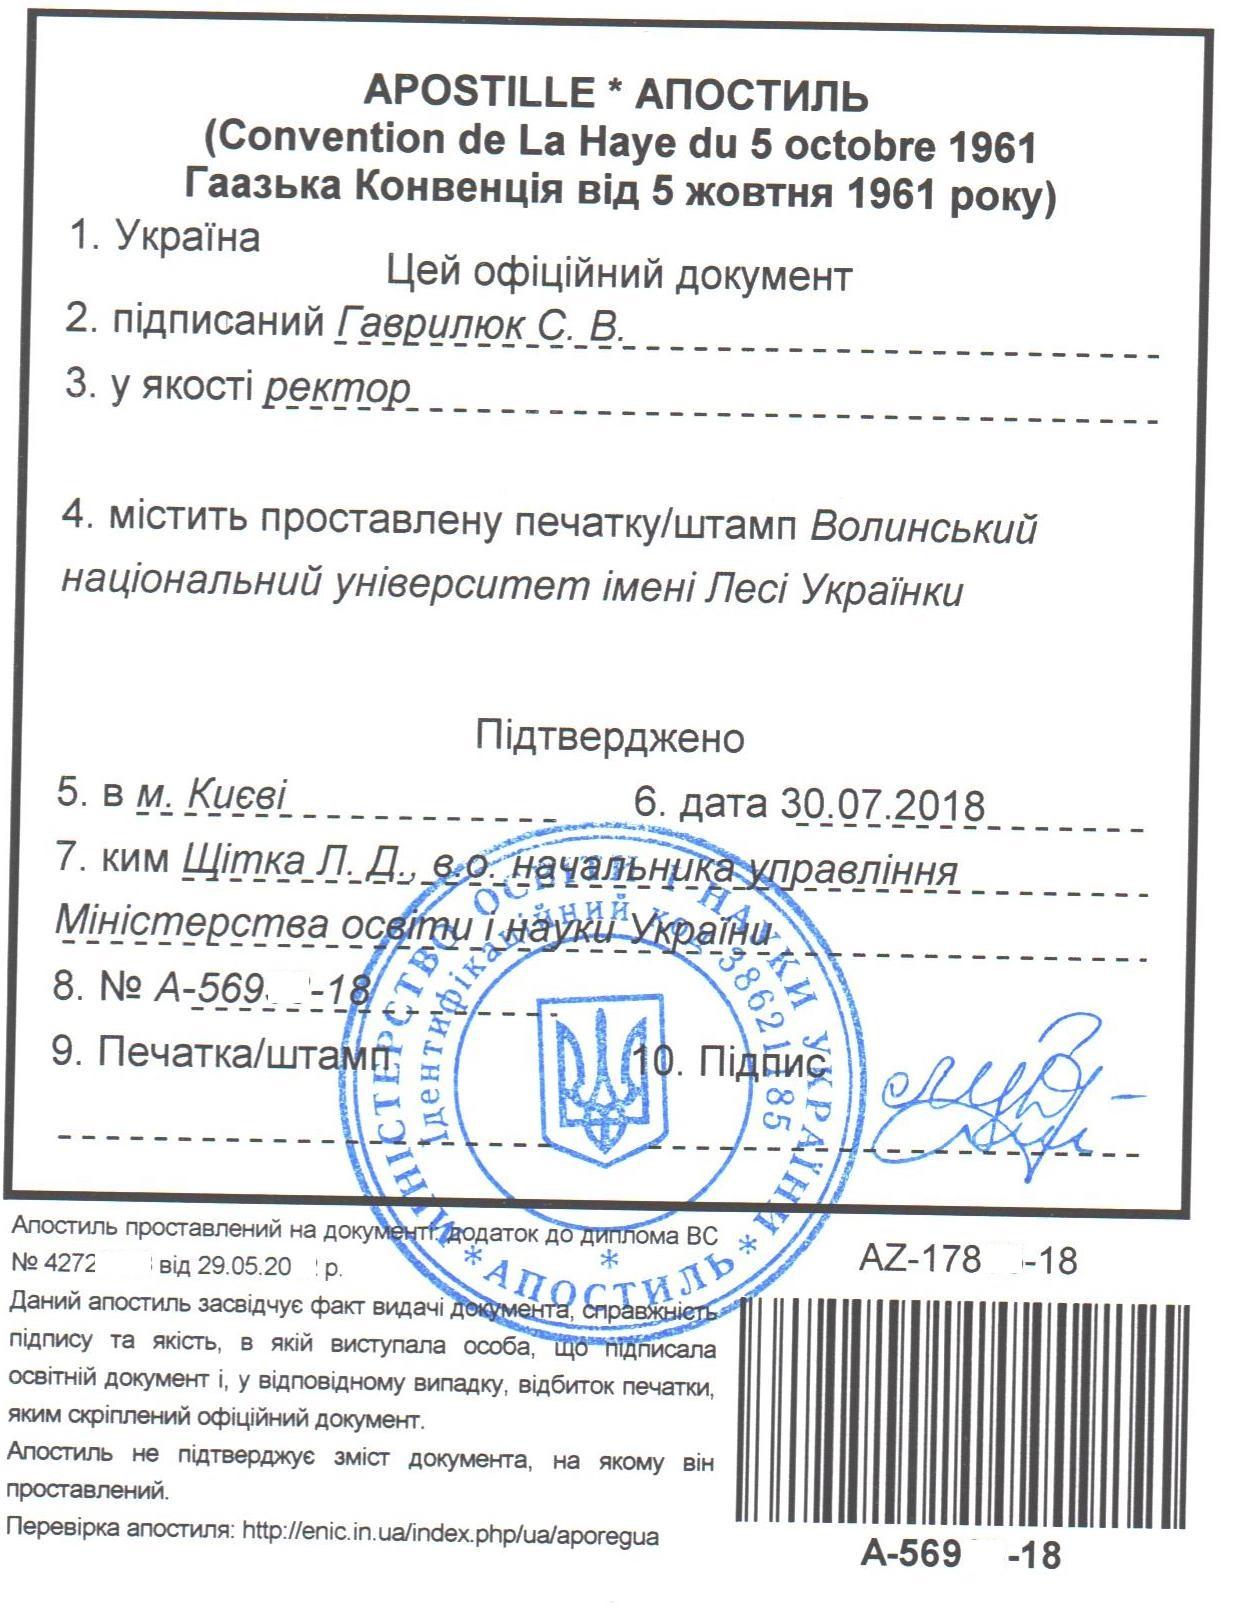 Apostille on Ukrainian diplomas